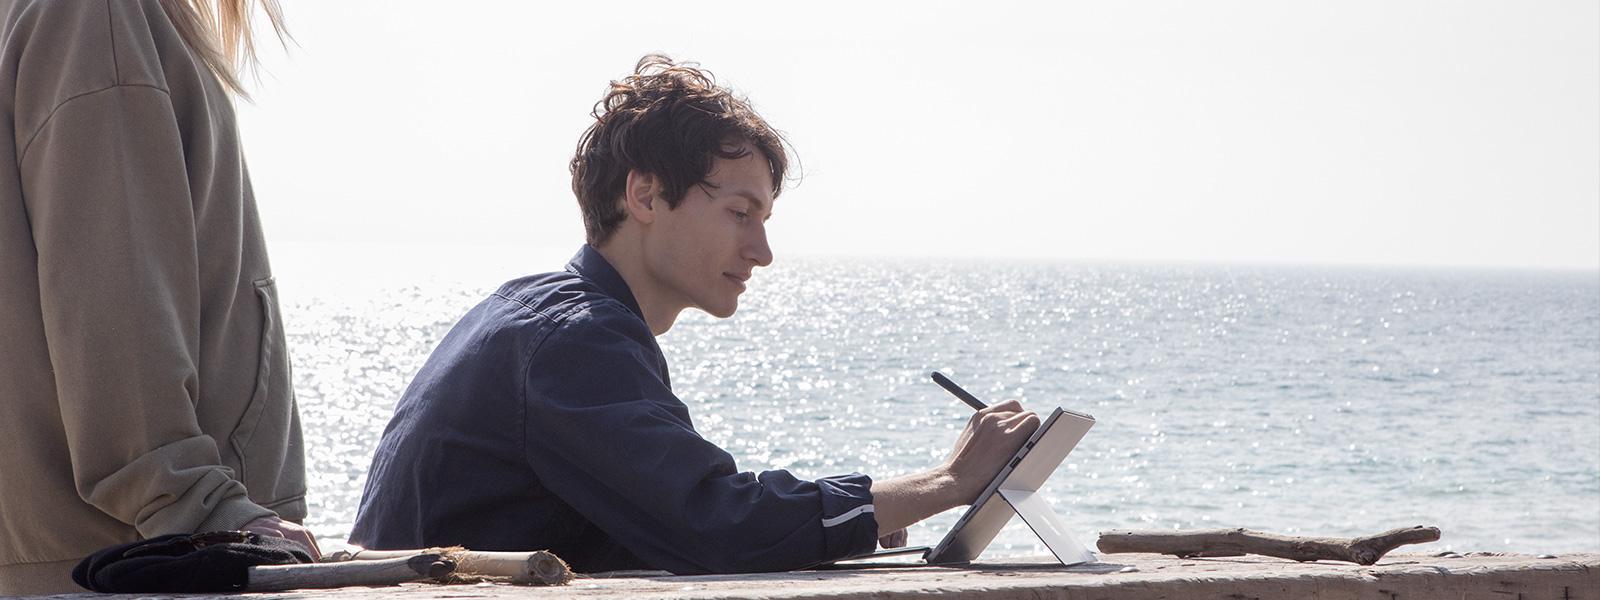 야외에서 Surface Pro를 사용 중인 남성